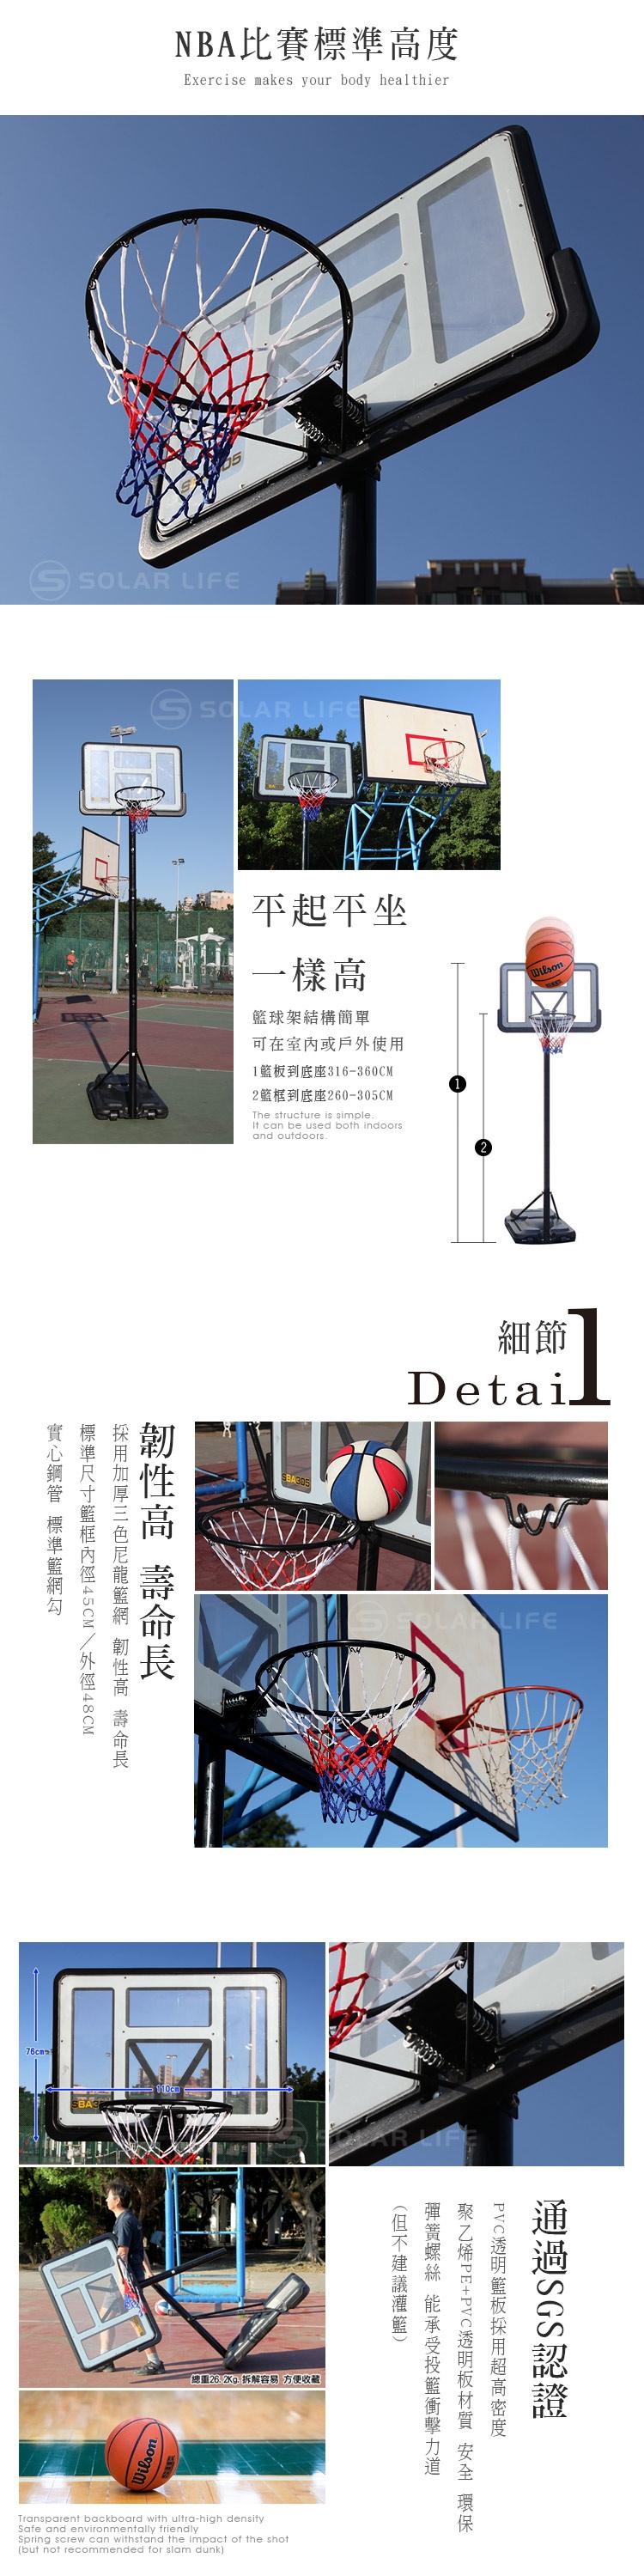 移動式成人標準高度籃球架.戶外休閒可升降調整水箱底座投籃訓練行動透明籃板框運動用品裝備